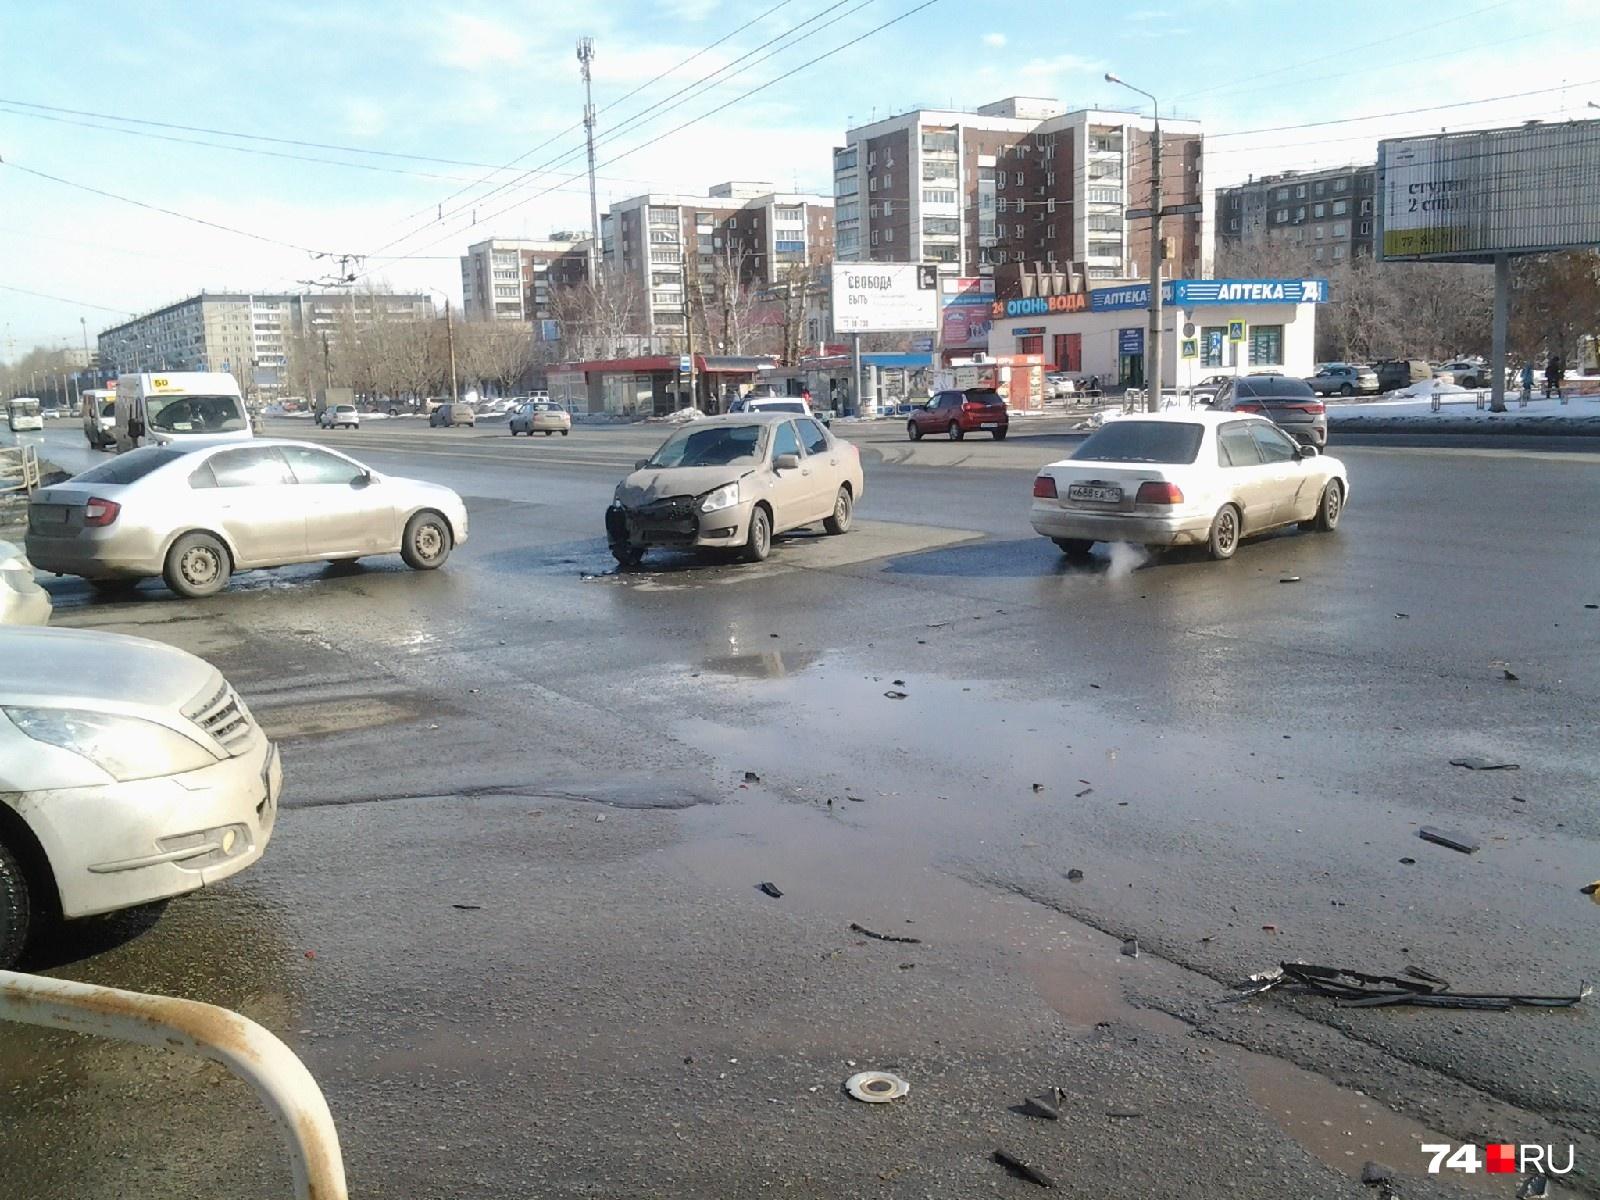 Авария произошла на перекрёстке улиц Братьев Кашириных и Чайковского